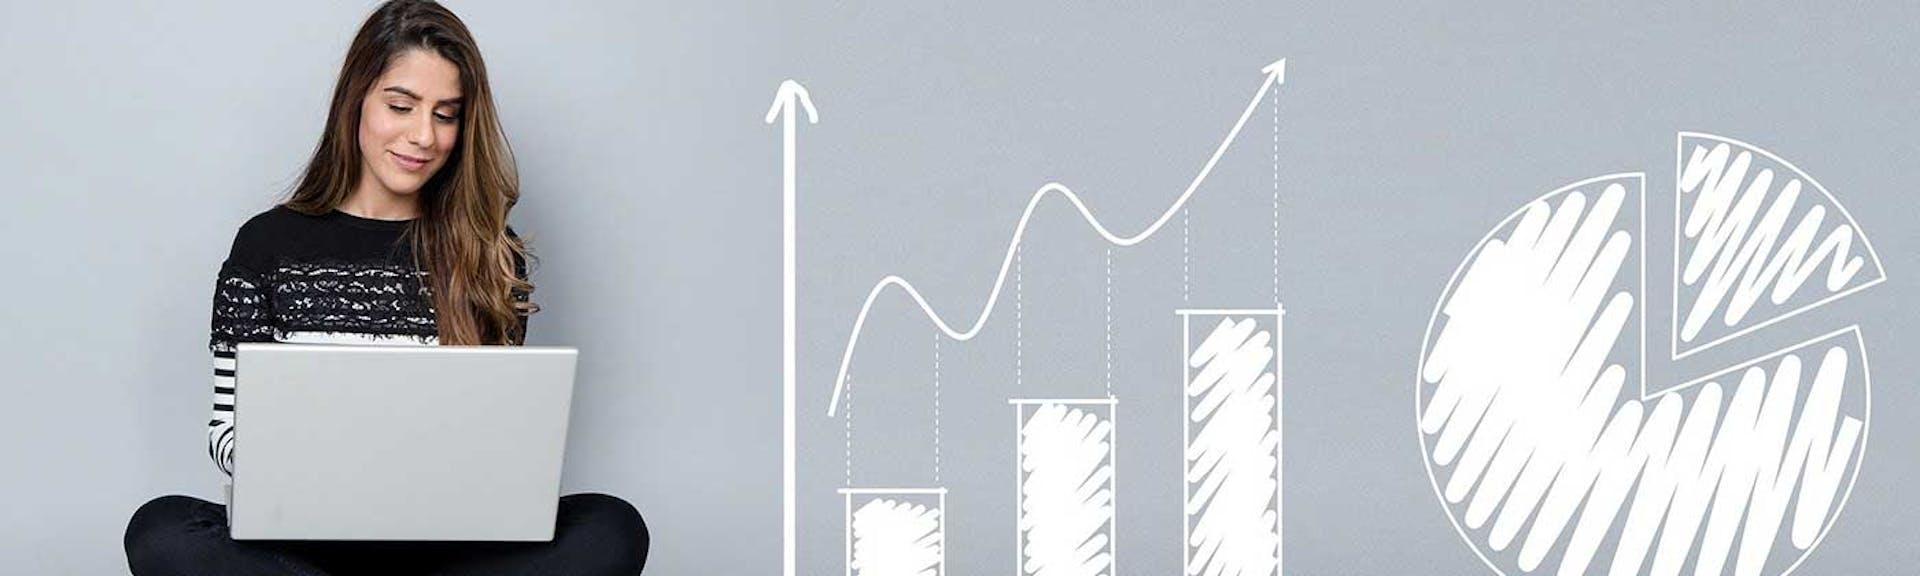 ¿Cómo utilizarías la estadística para realizar la planeación de tus finanzas personales? ¡Ahorra dinero!